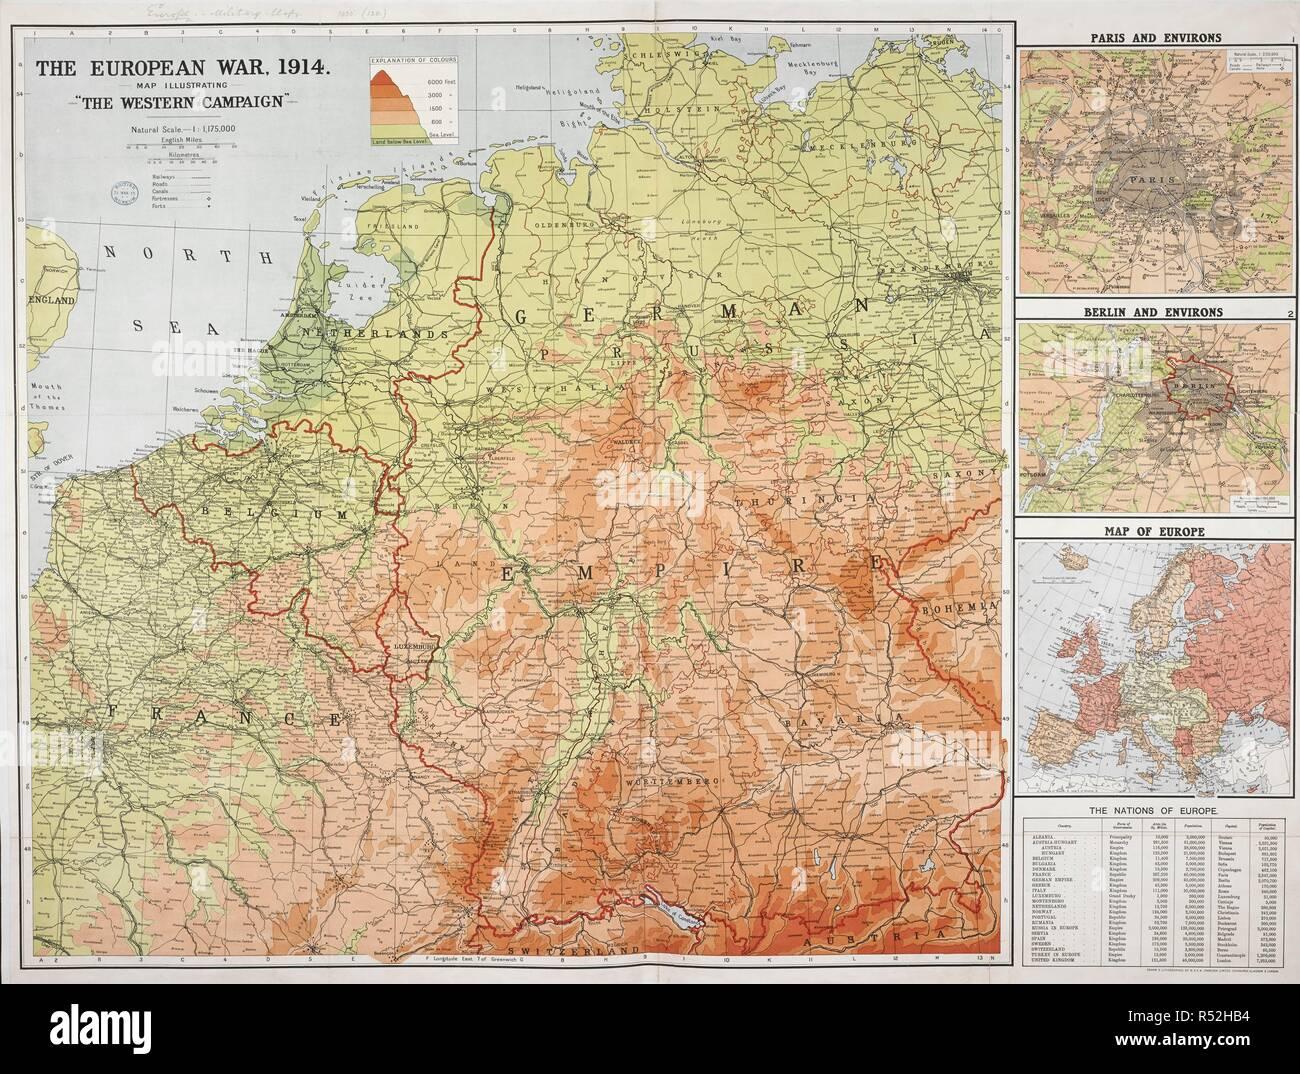 Karte Von Europa 1914.Eine Karte Von Europa Im Jahr 1914 Dem Ersten Jahr Des